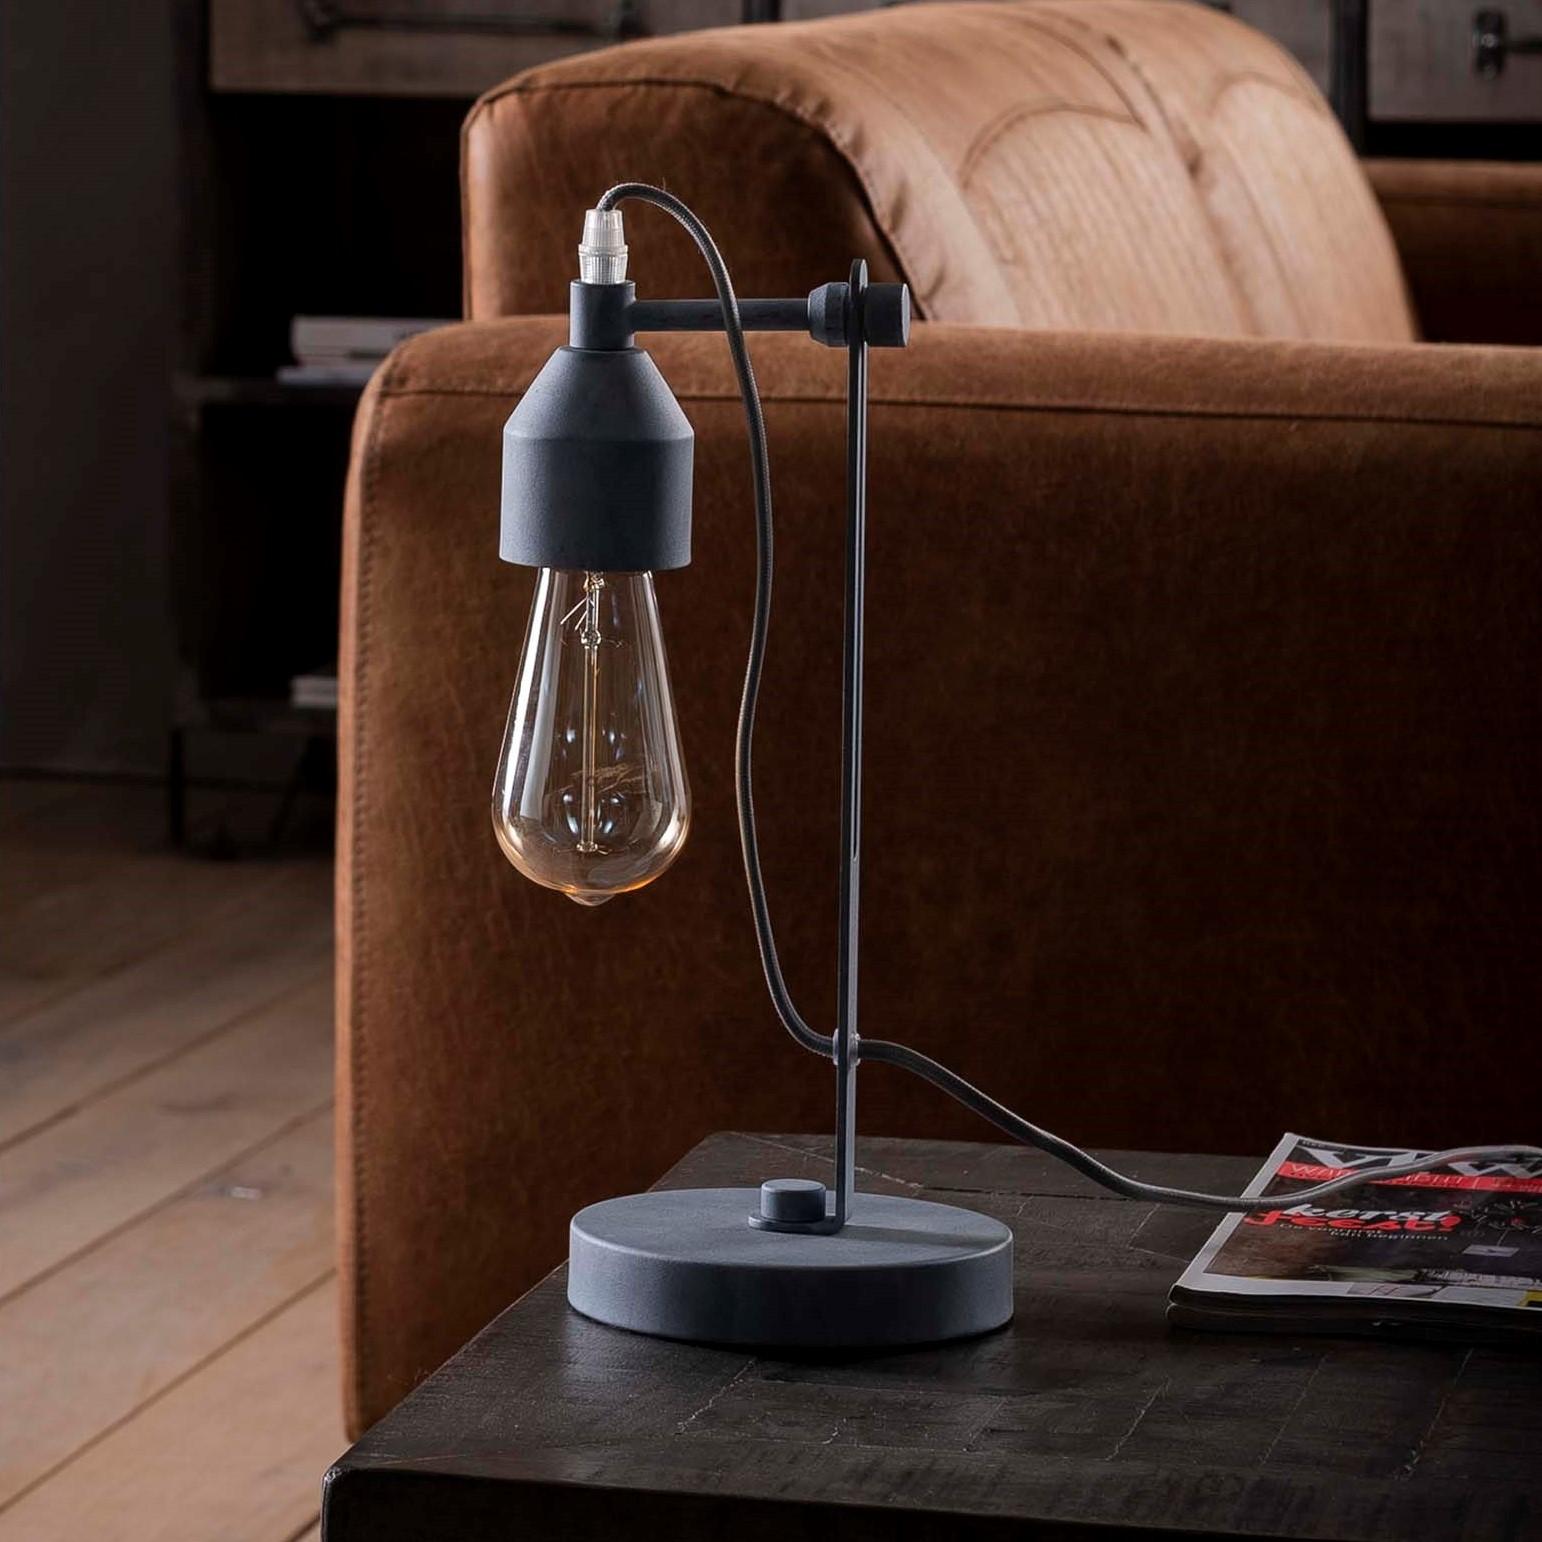 tischlampe tischleuchte beton look minimalistisch wohnaura m bel mit ausstrahlung. Black Bedroom Furniture Sets. Home Design Ideas